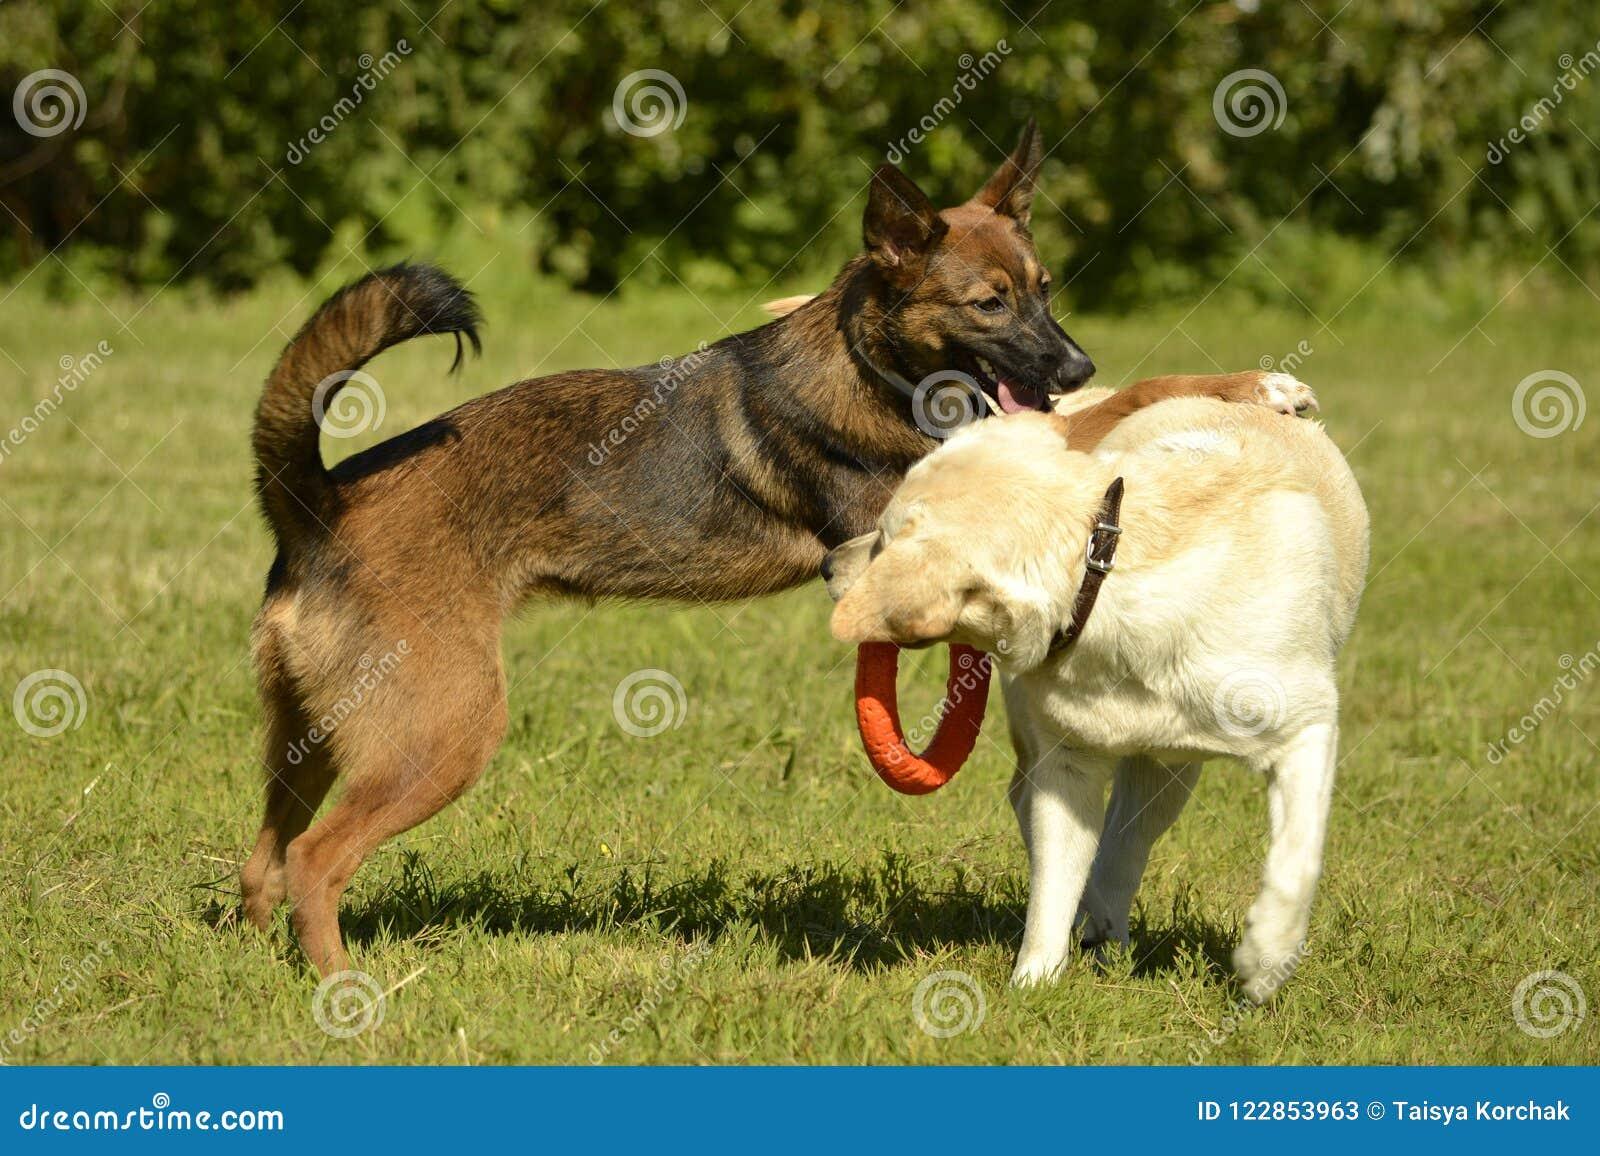 Pies sztuka z each inny Labrador Wesoło wrzawa szczeniaki agresywny pies Trenować psy Szczeniak edukacja, kynologia, intensywna